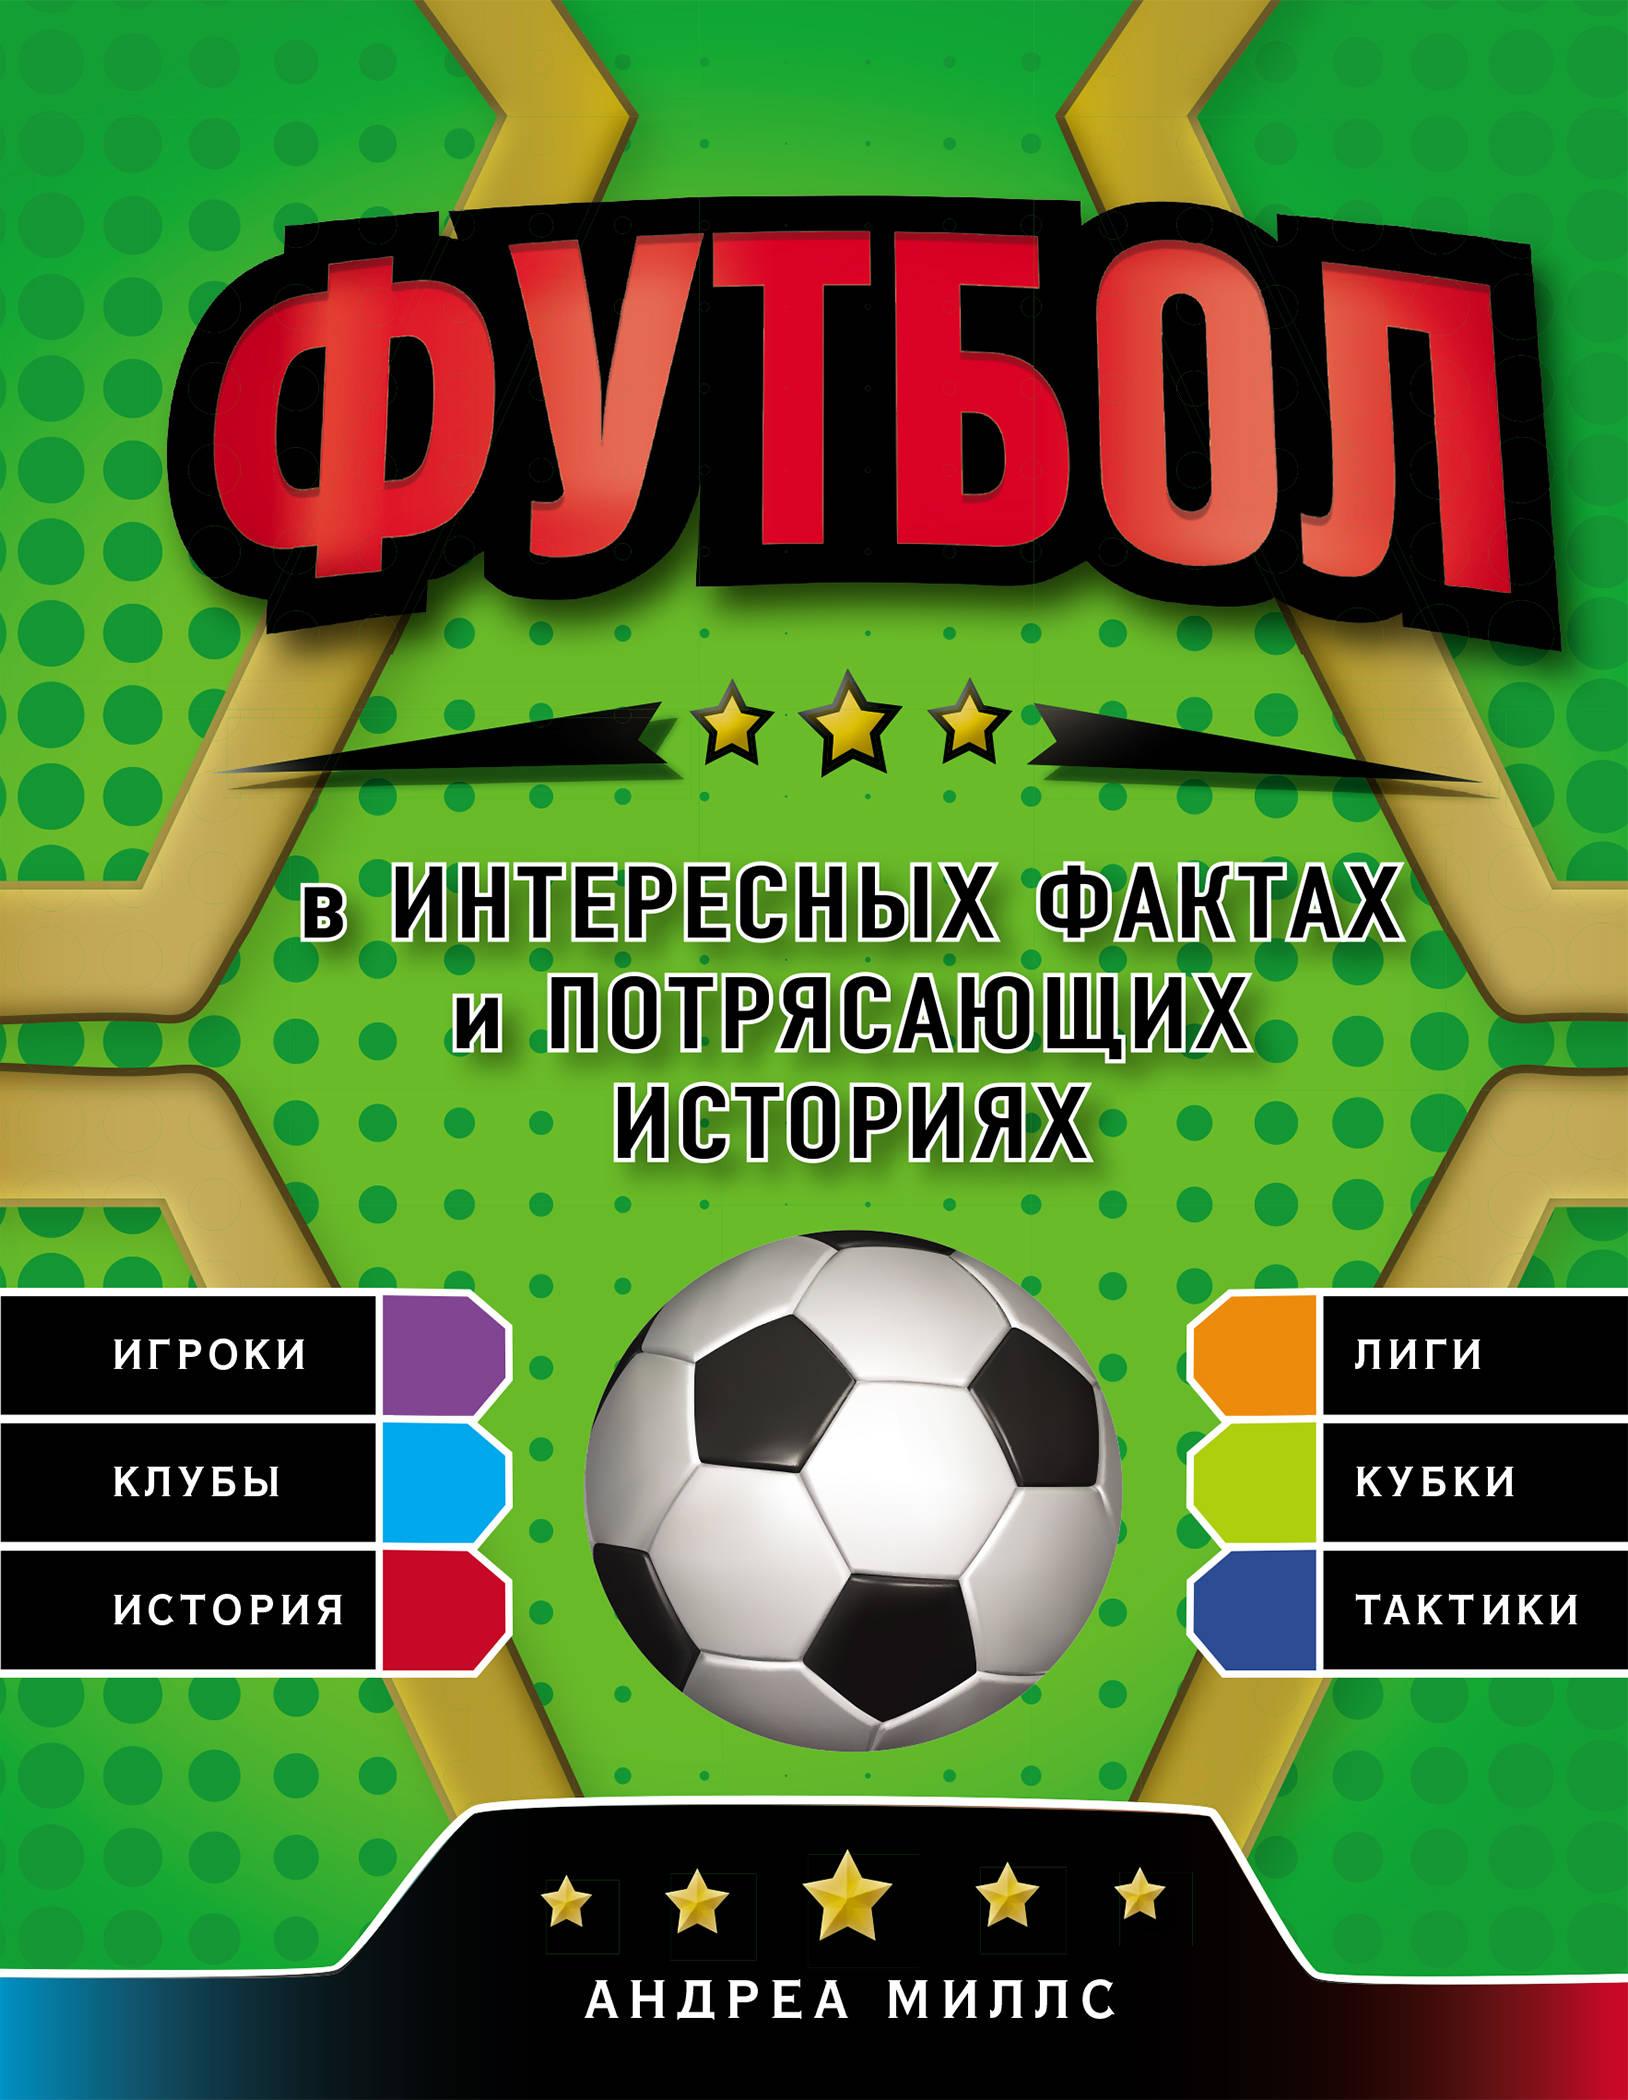 Футбол в интересных фактах и потрясающих историях